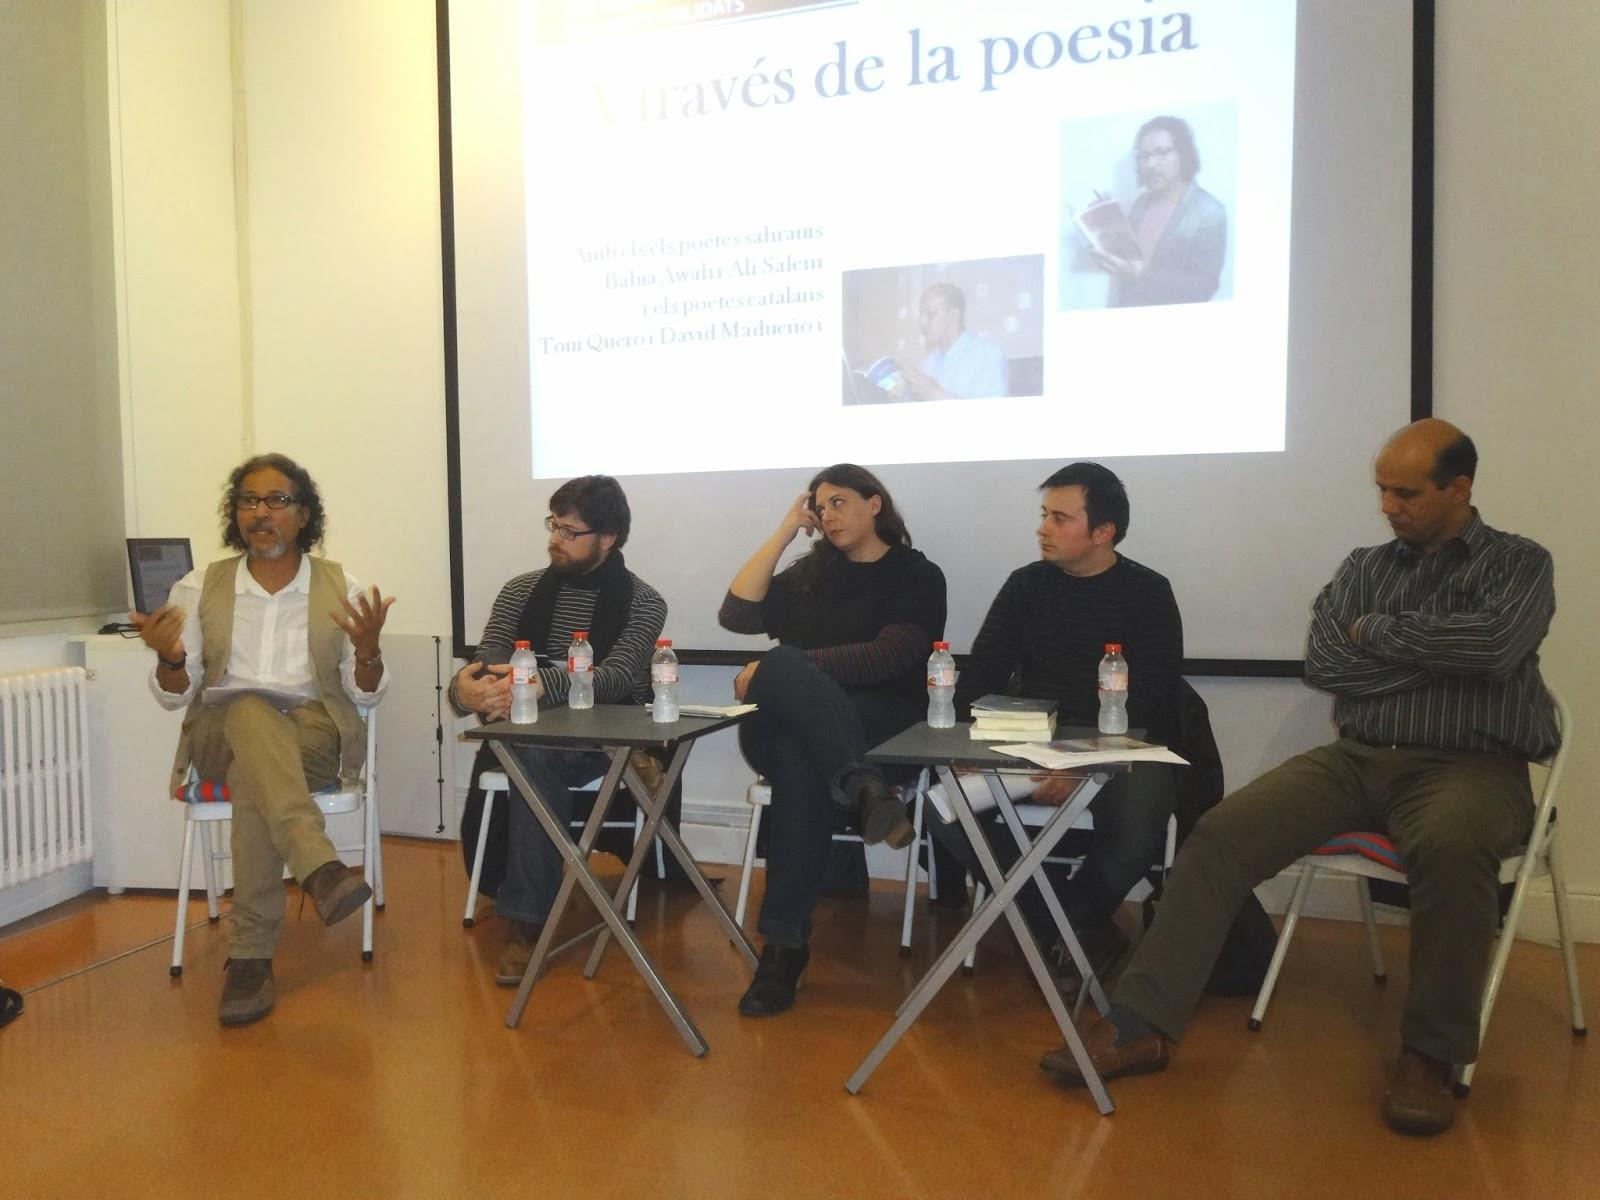 Generaci n de la amistad saharaui la poes a saharaui presente en el encuentro los derechos - La casa de los suenos olvidados ...